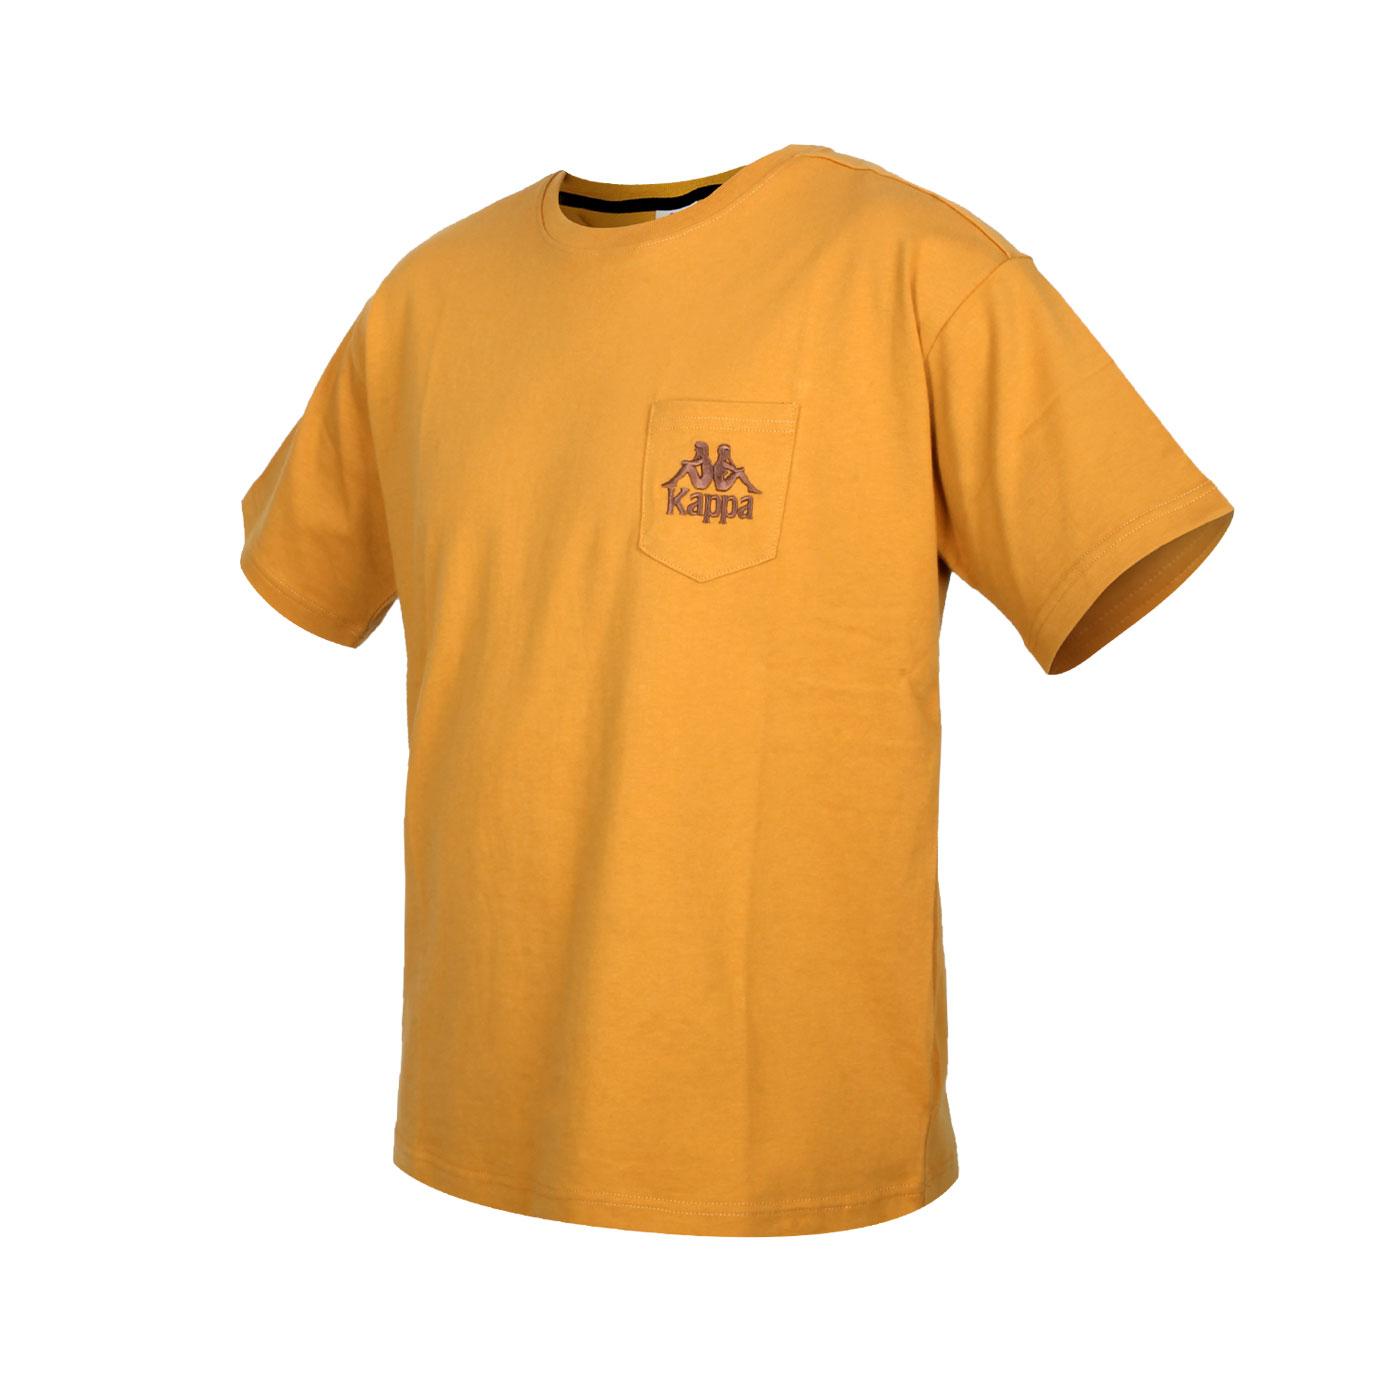 KAPPA 男款短袖T恤 32191TW-Z07